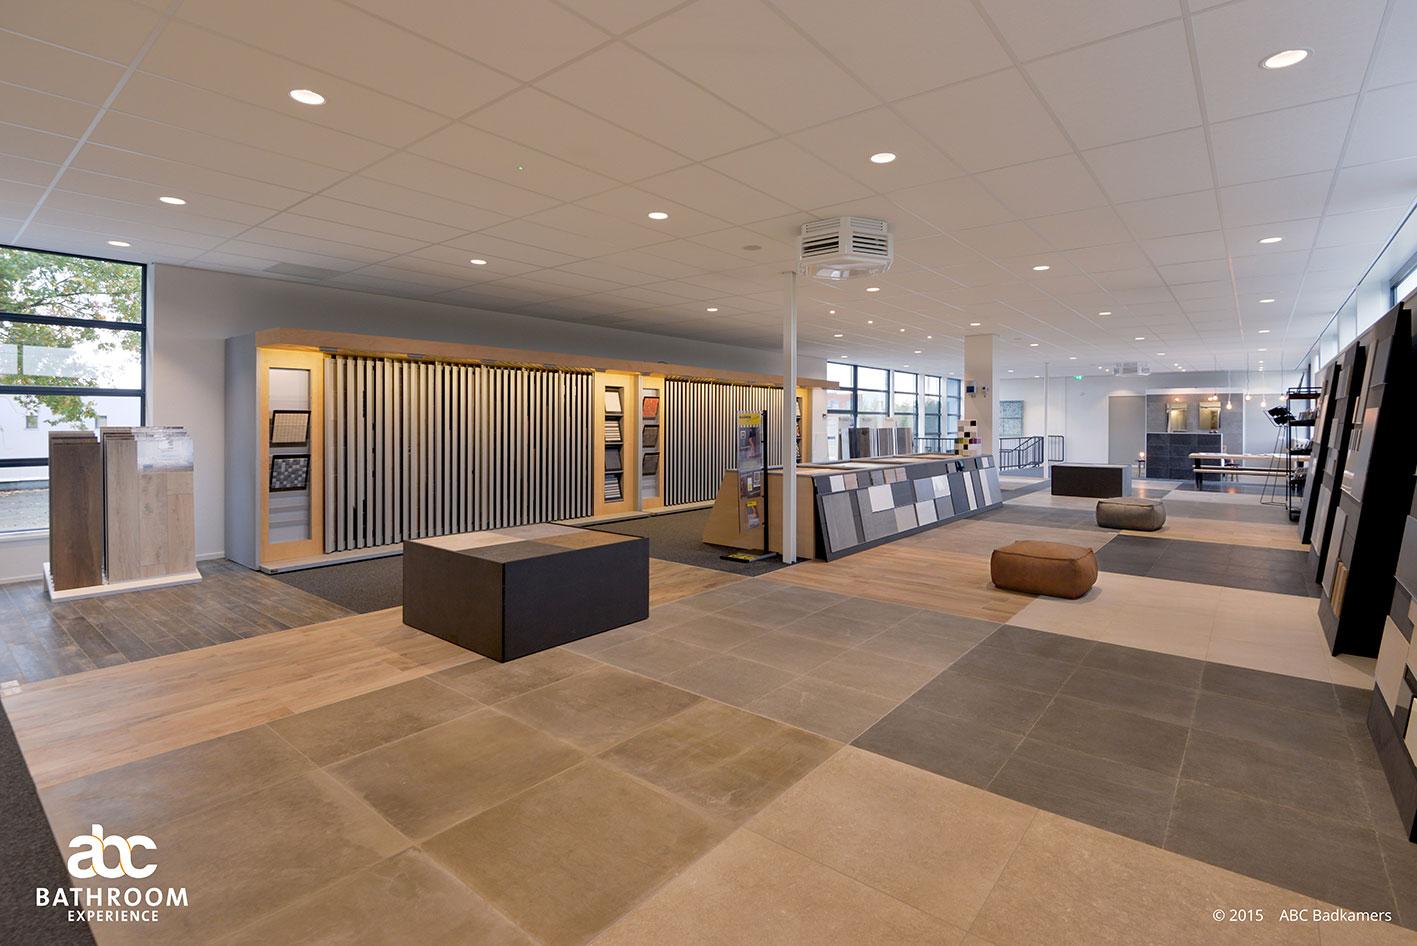 Levertijd Nieuwe Badkamer ~ ABC Badkamers, sanitair, tegels, deventer, zutphen, apeldoorn